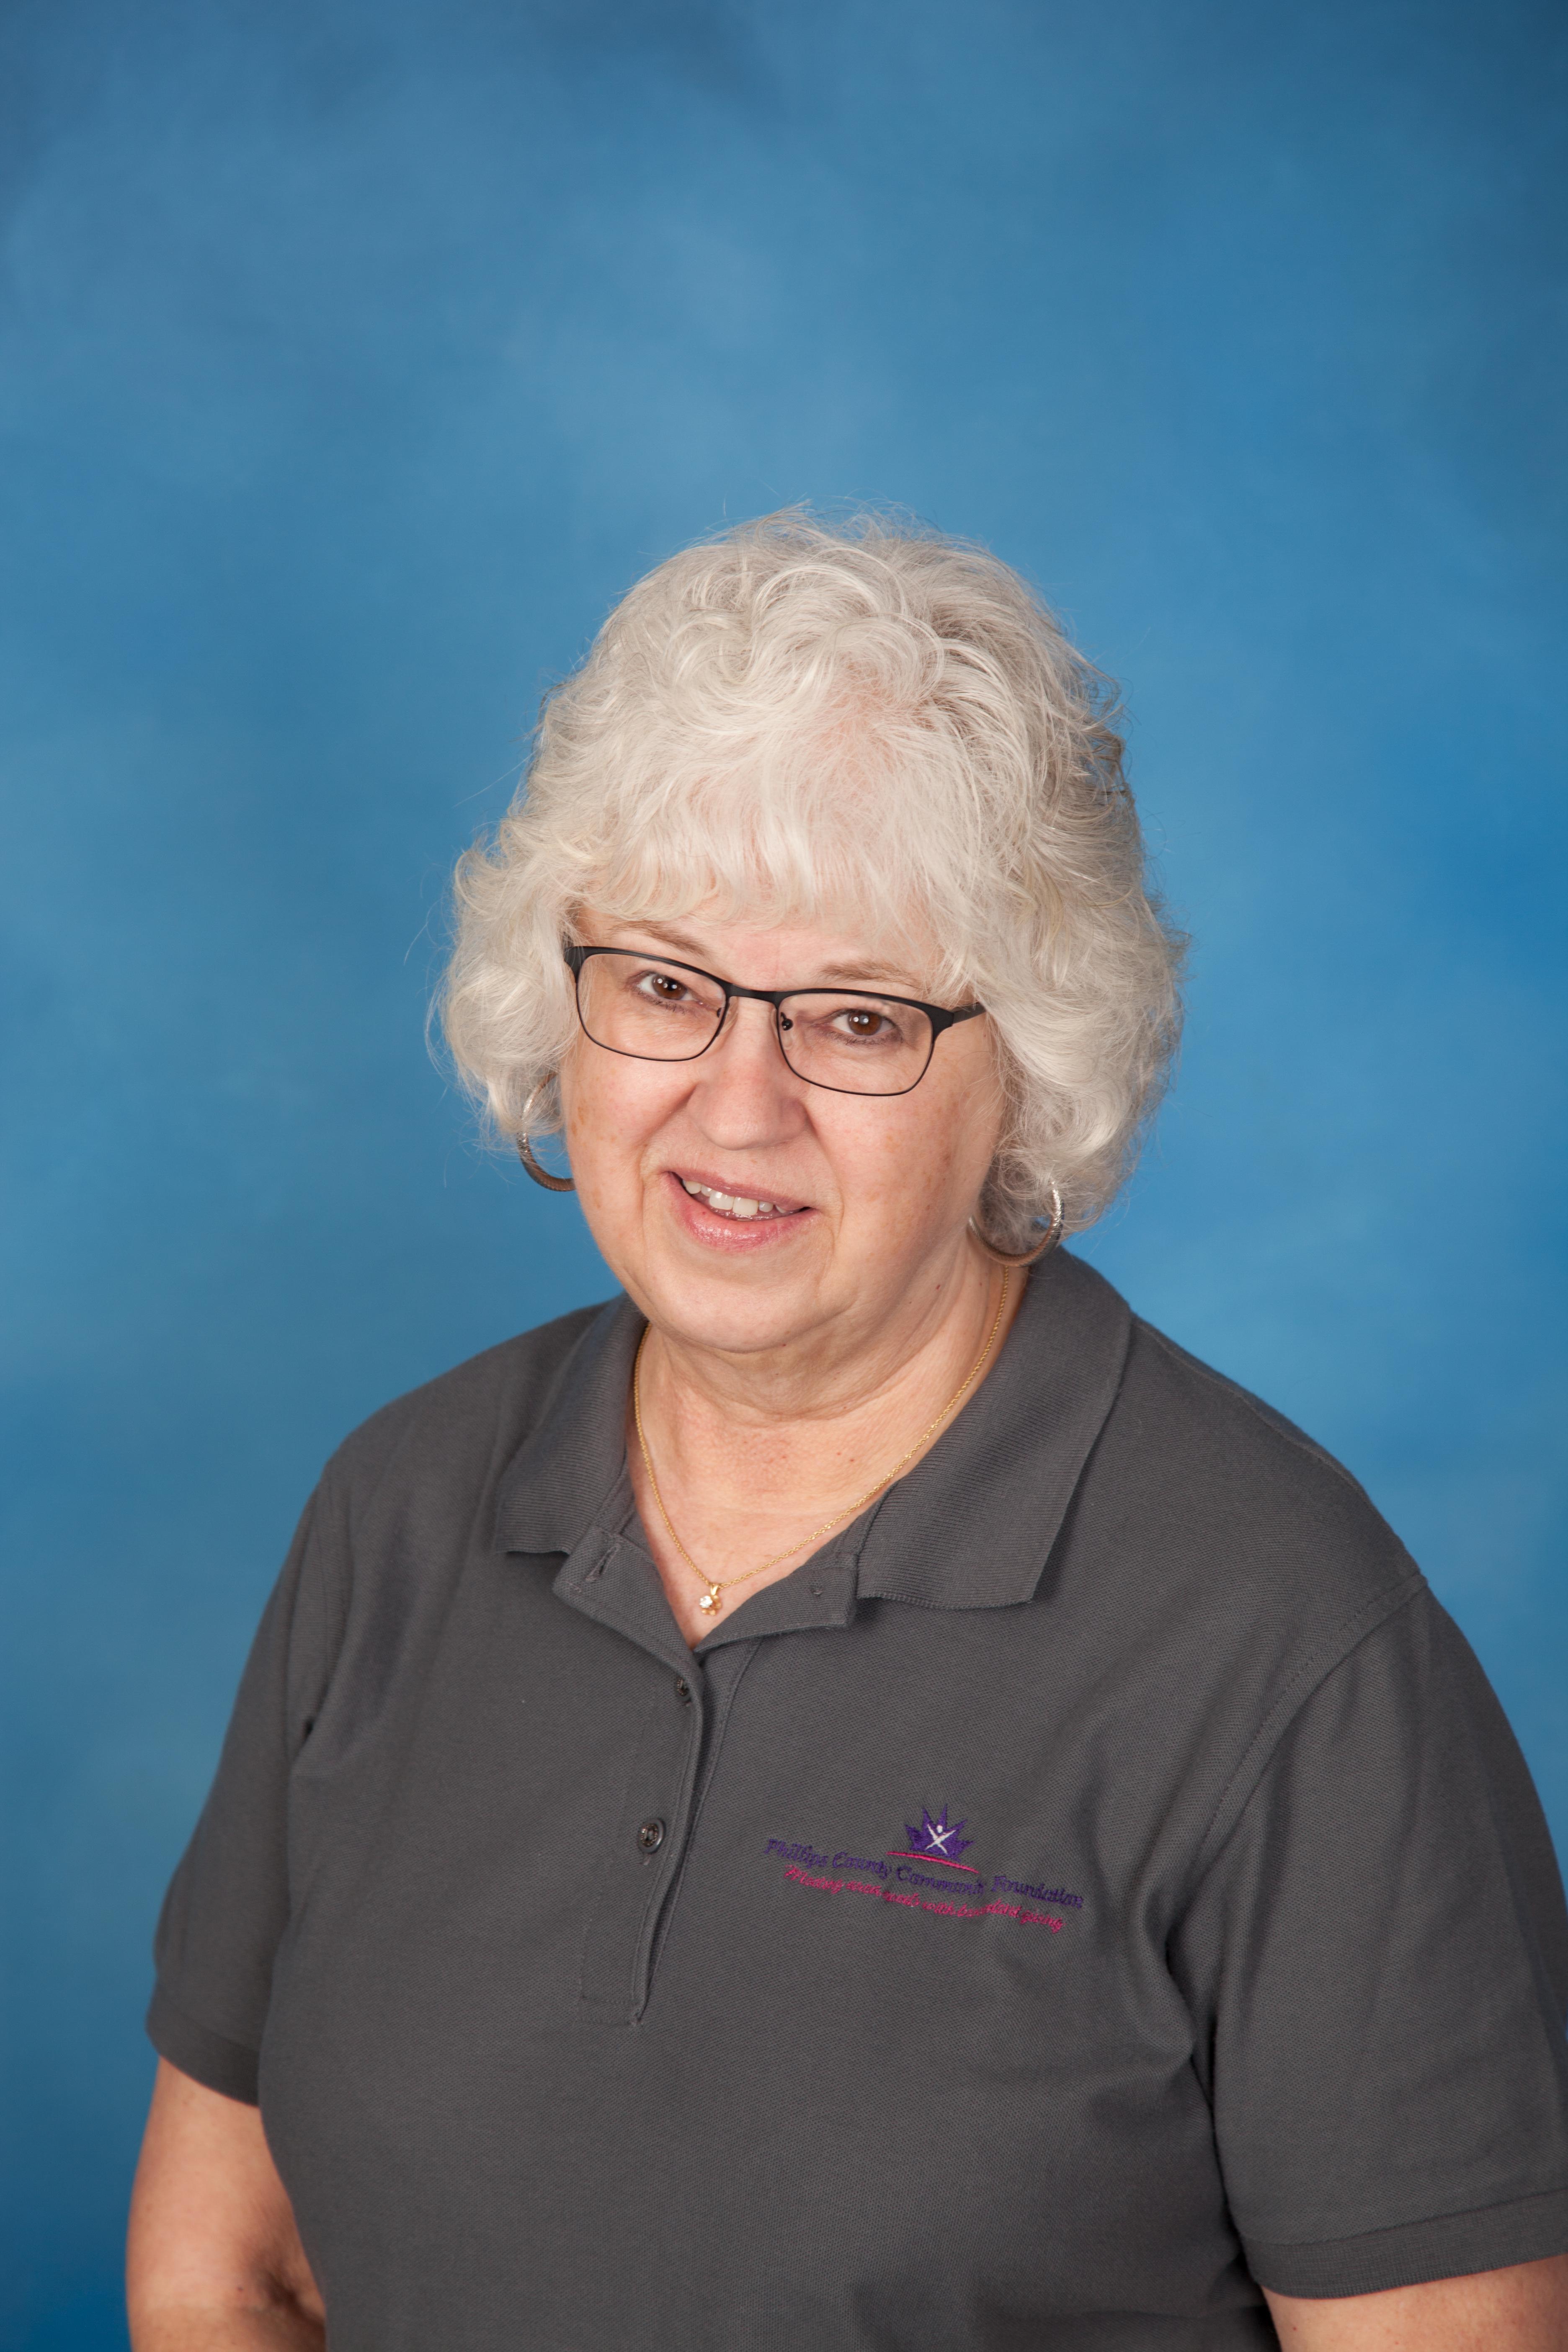 Stephanie Austin, President